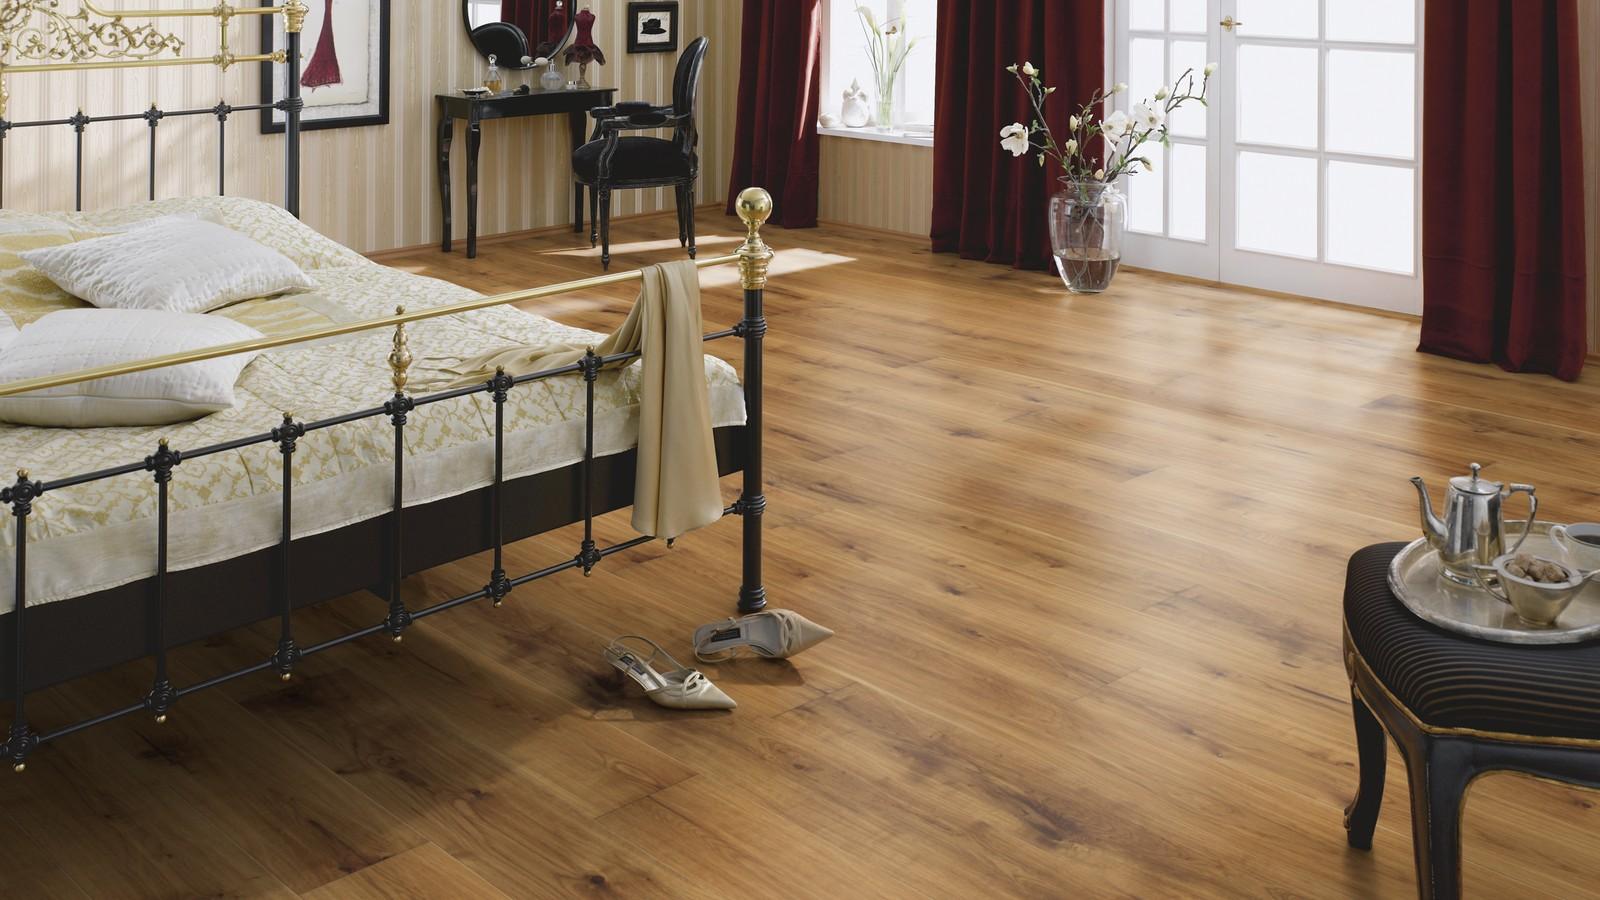 ter h rne sensual collection l parkett l c16a eiche unique ockerbraun l landhausdiele. Black Bedroom Furniture Sets. Home Design Ideas